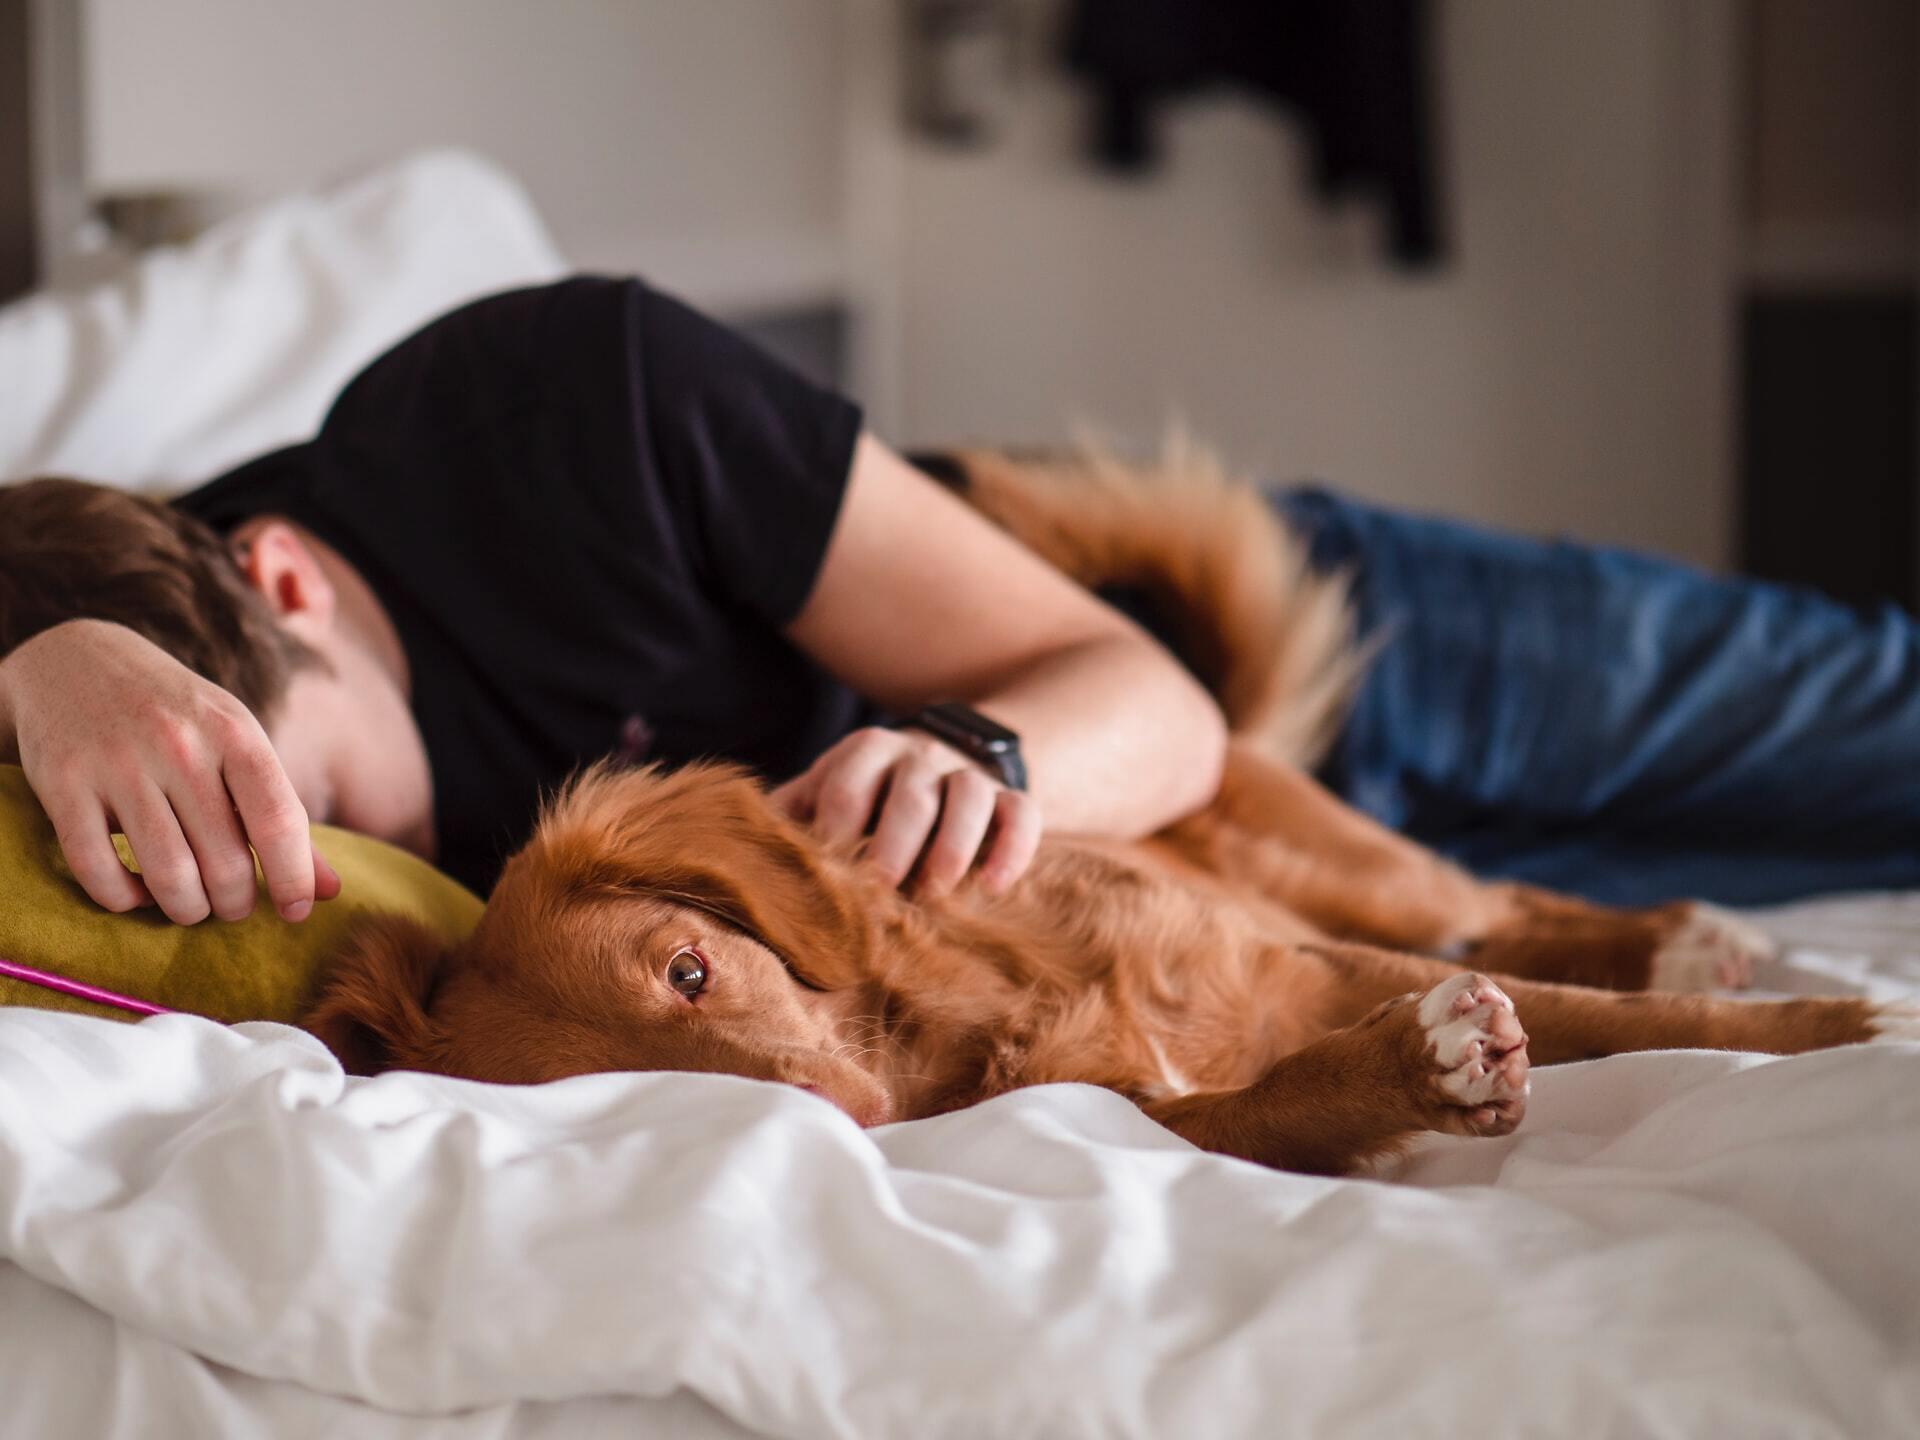 Найбільш корисним є глибокий сон і перехід у фазу REM